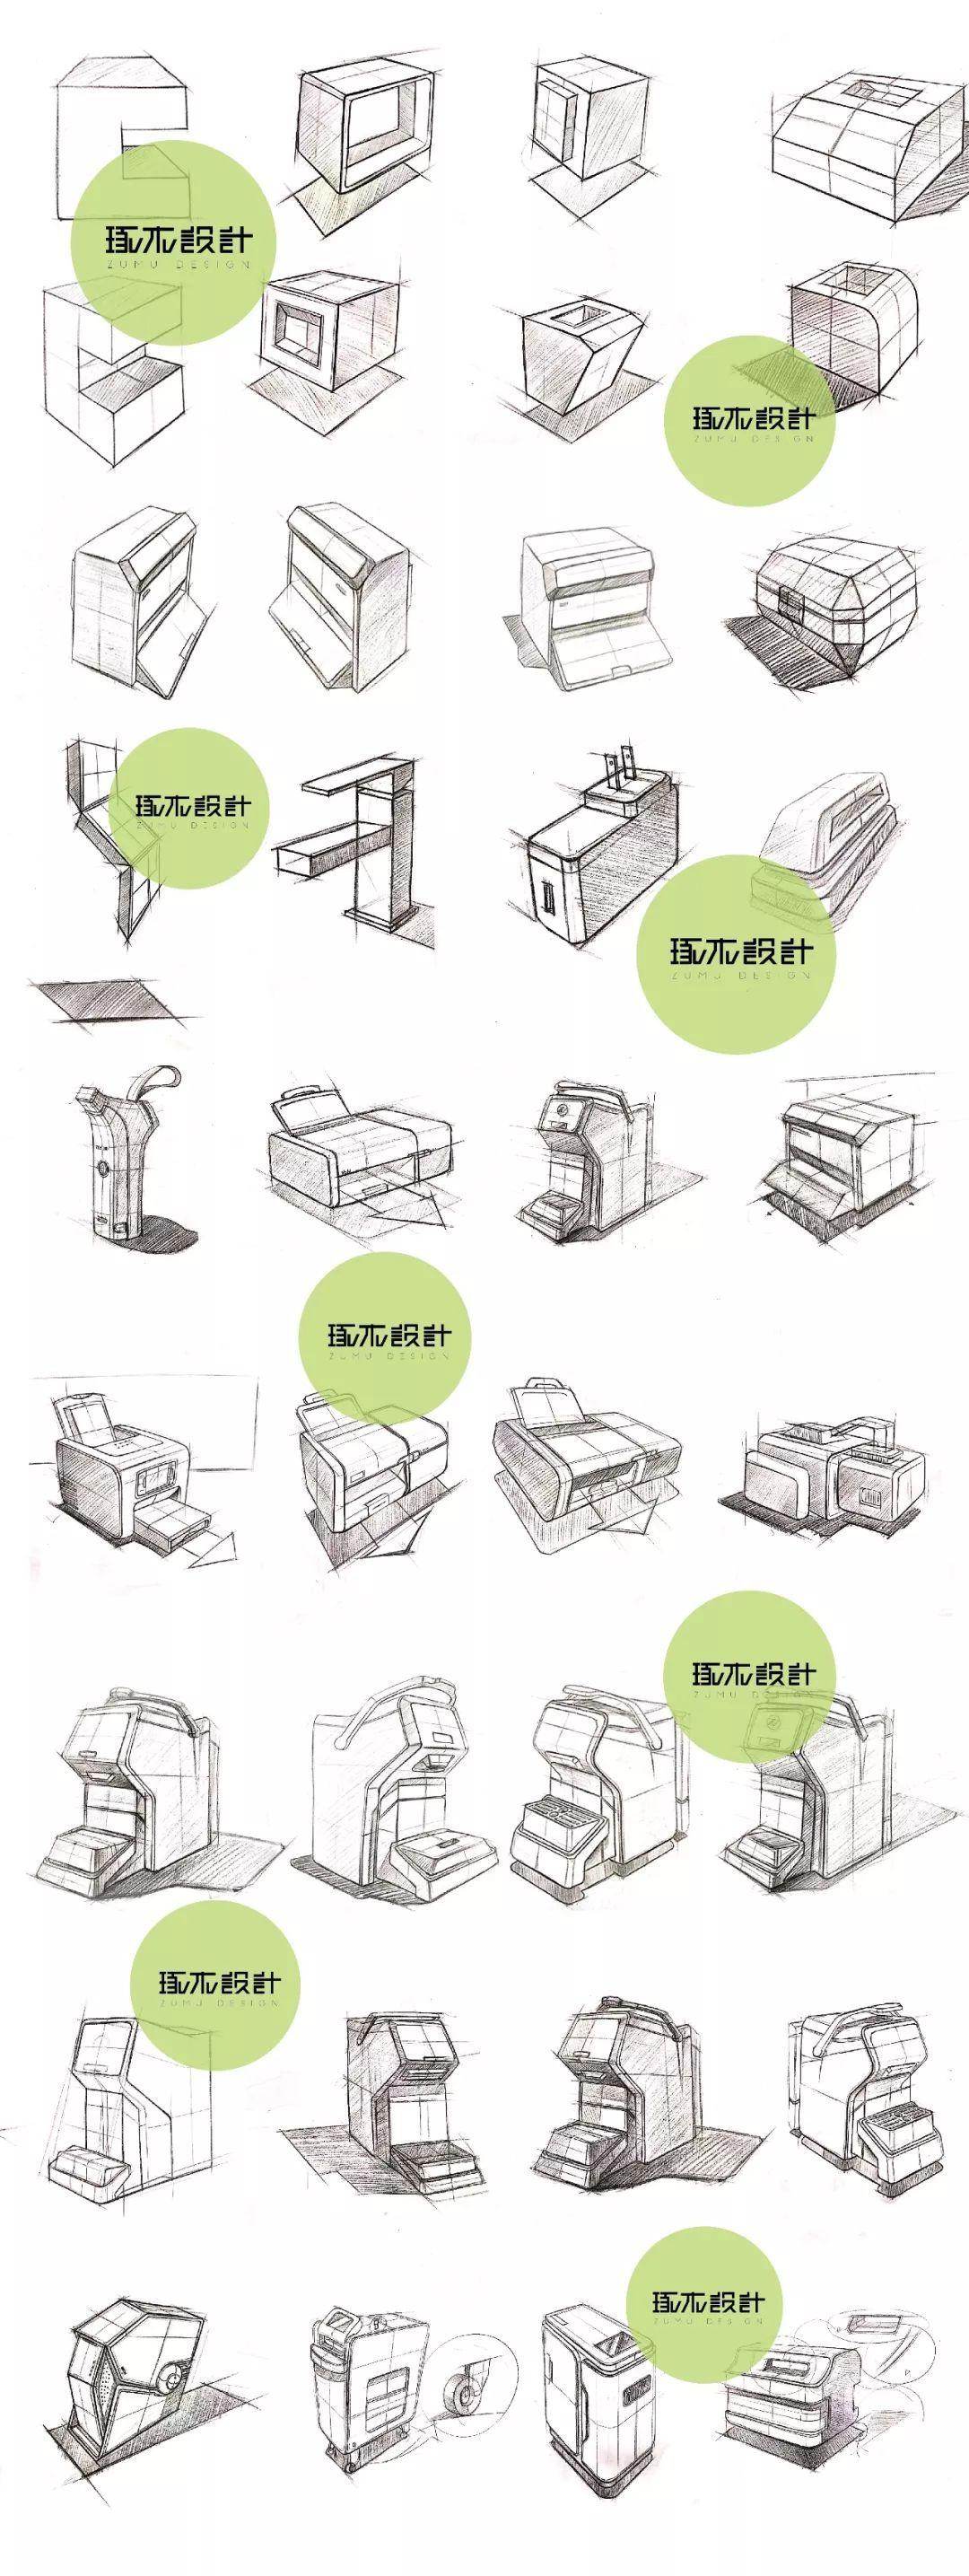 琢木设计-工业设计手绘基础训练方法与步骤-杭州